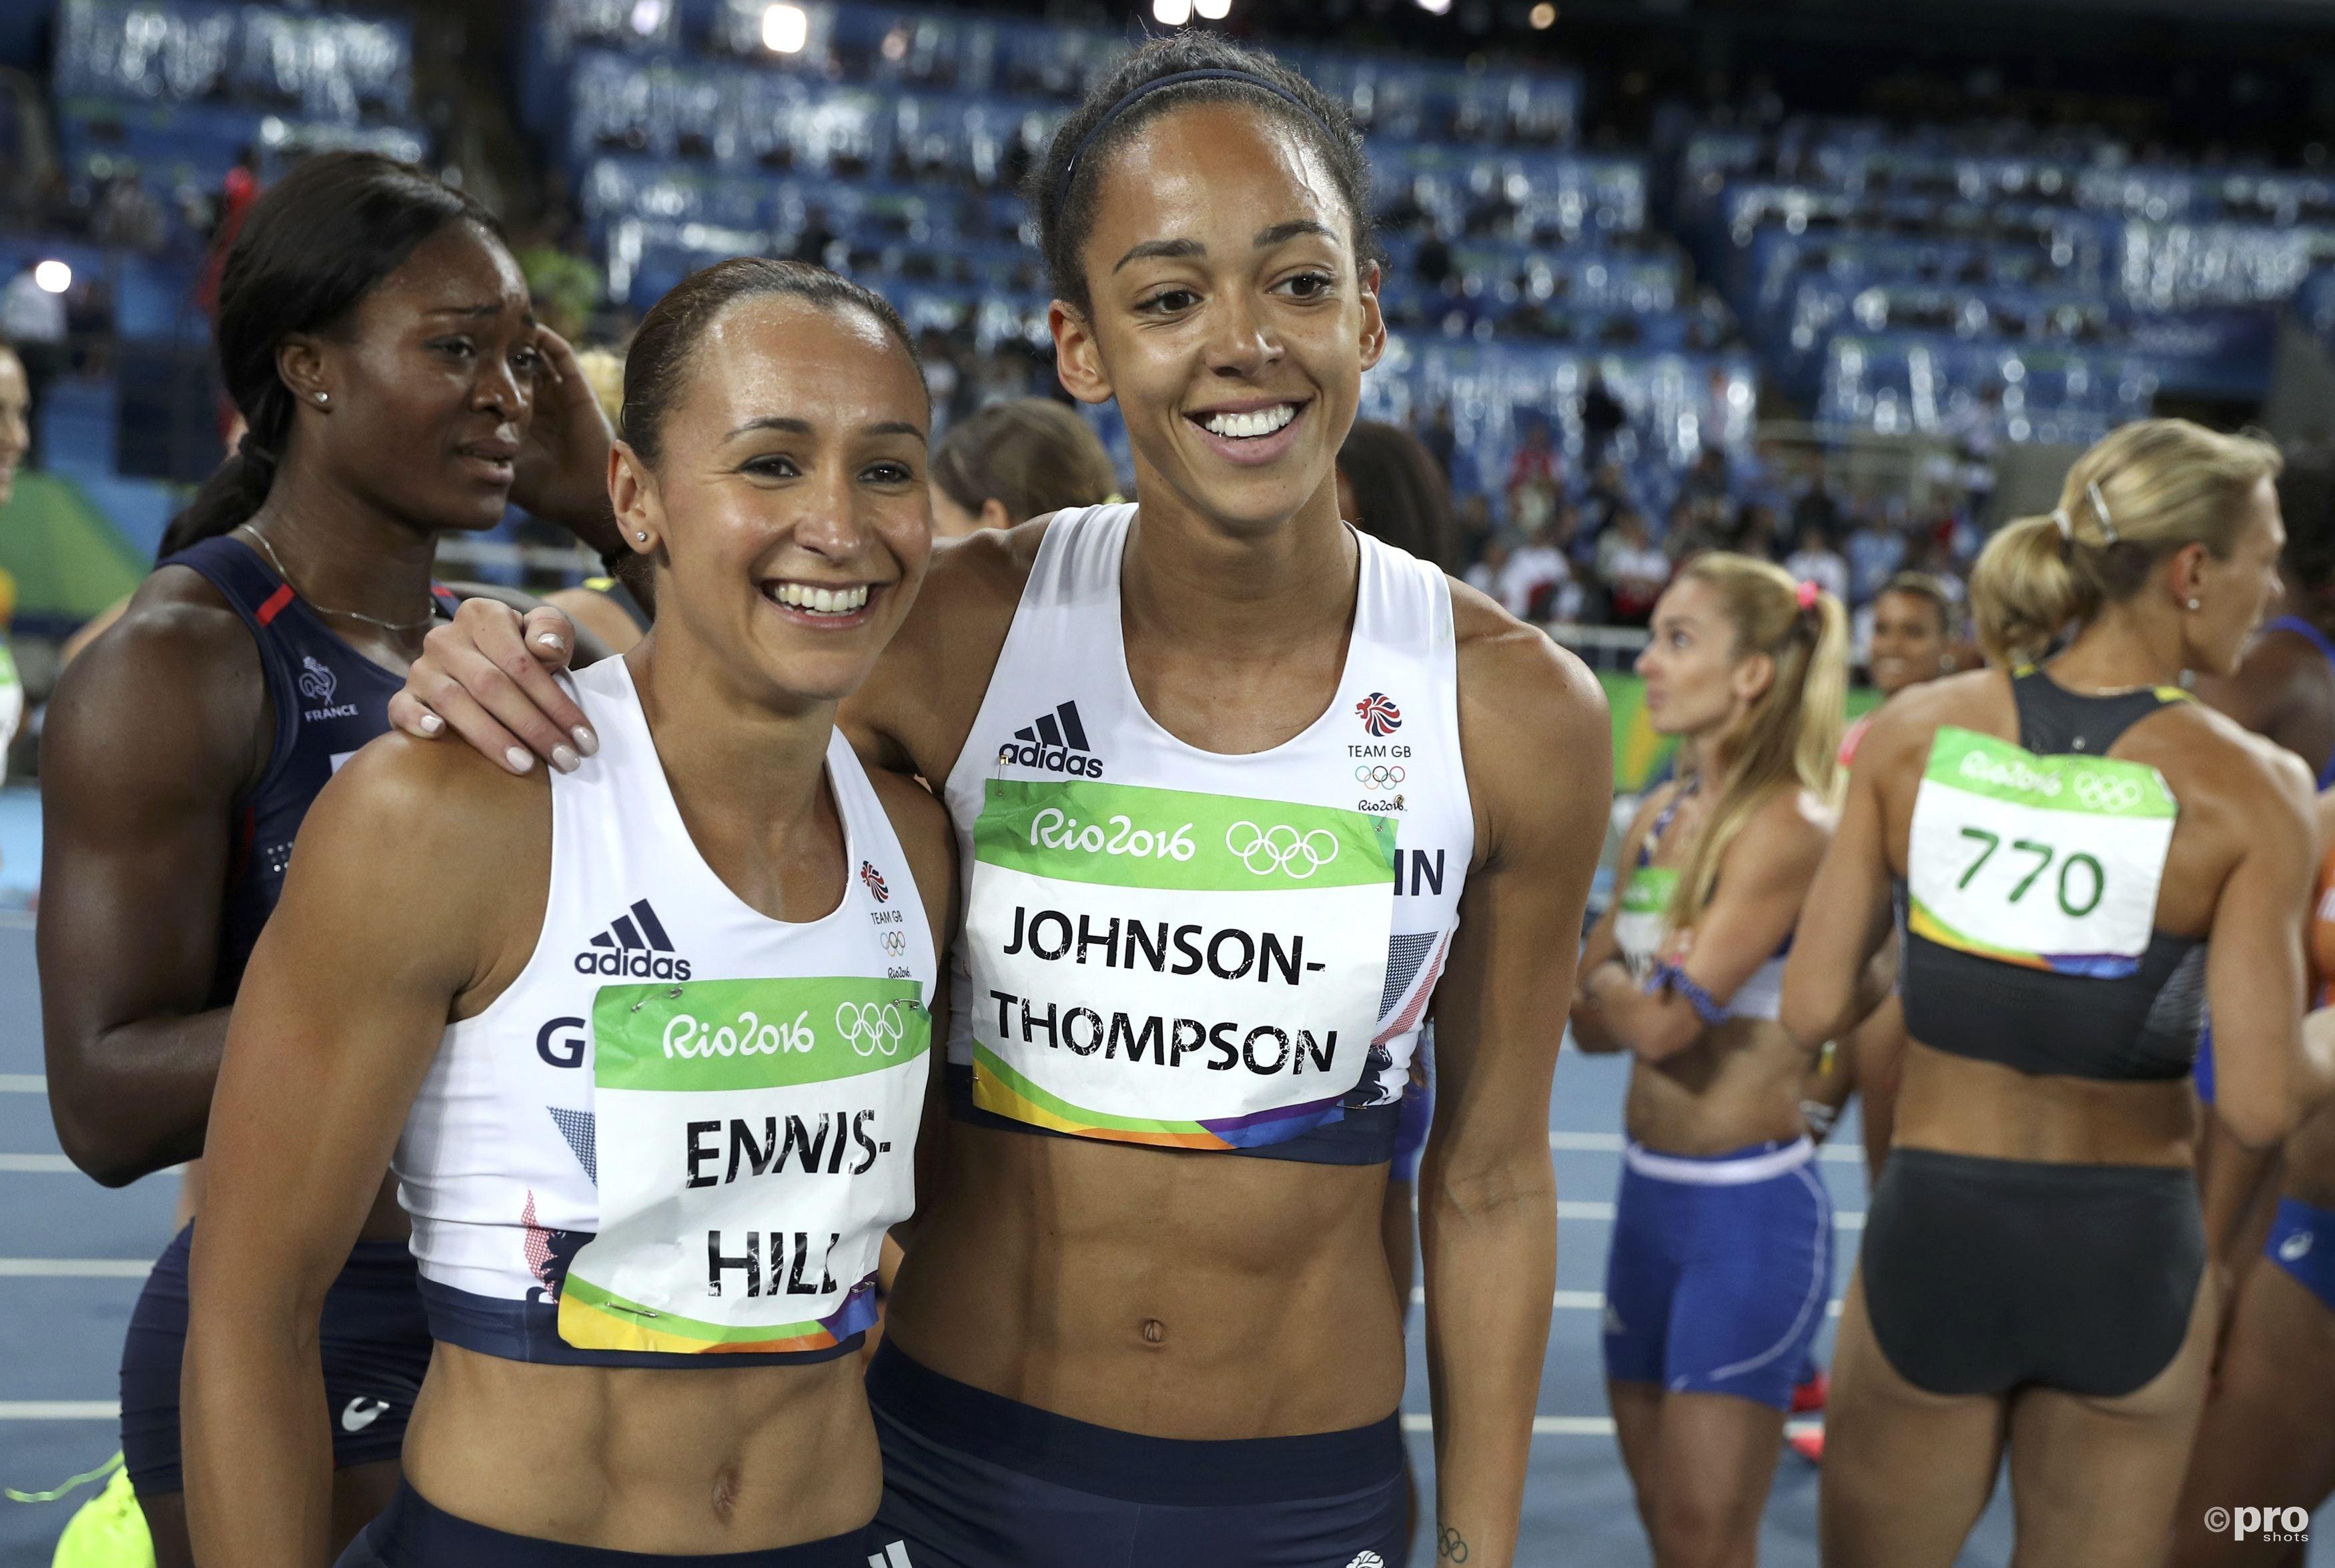 Ennis-Hill na afloop van de olympische zevenkamp in Rio, samen met haar beoogd opvolgster Katarina Johnson-Thompson, die zesde werd (PROSHOTS/Action Images)